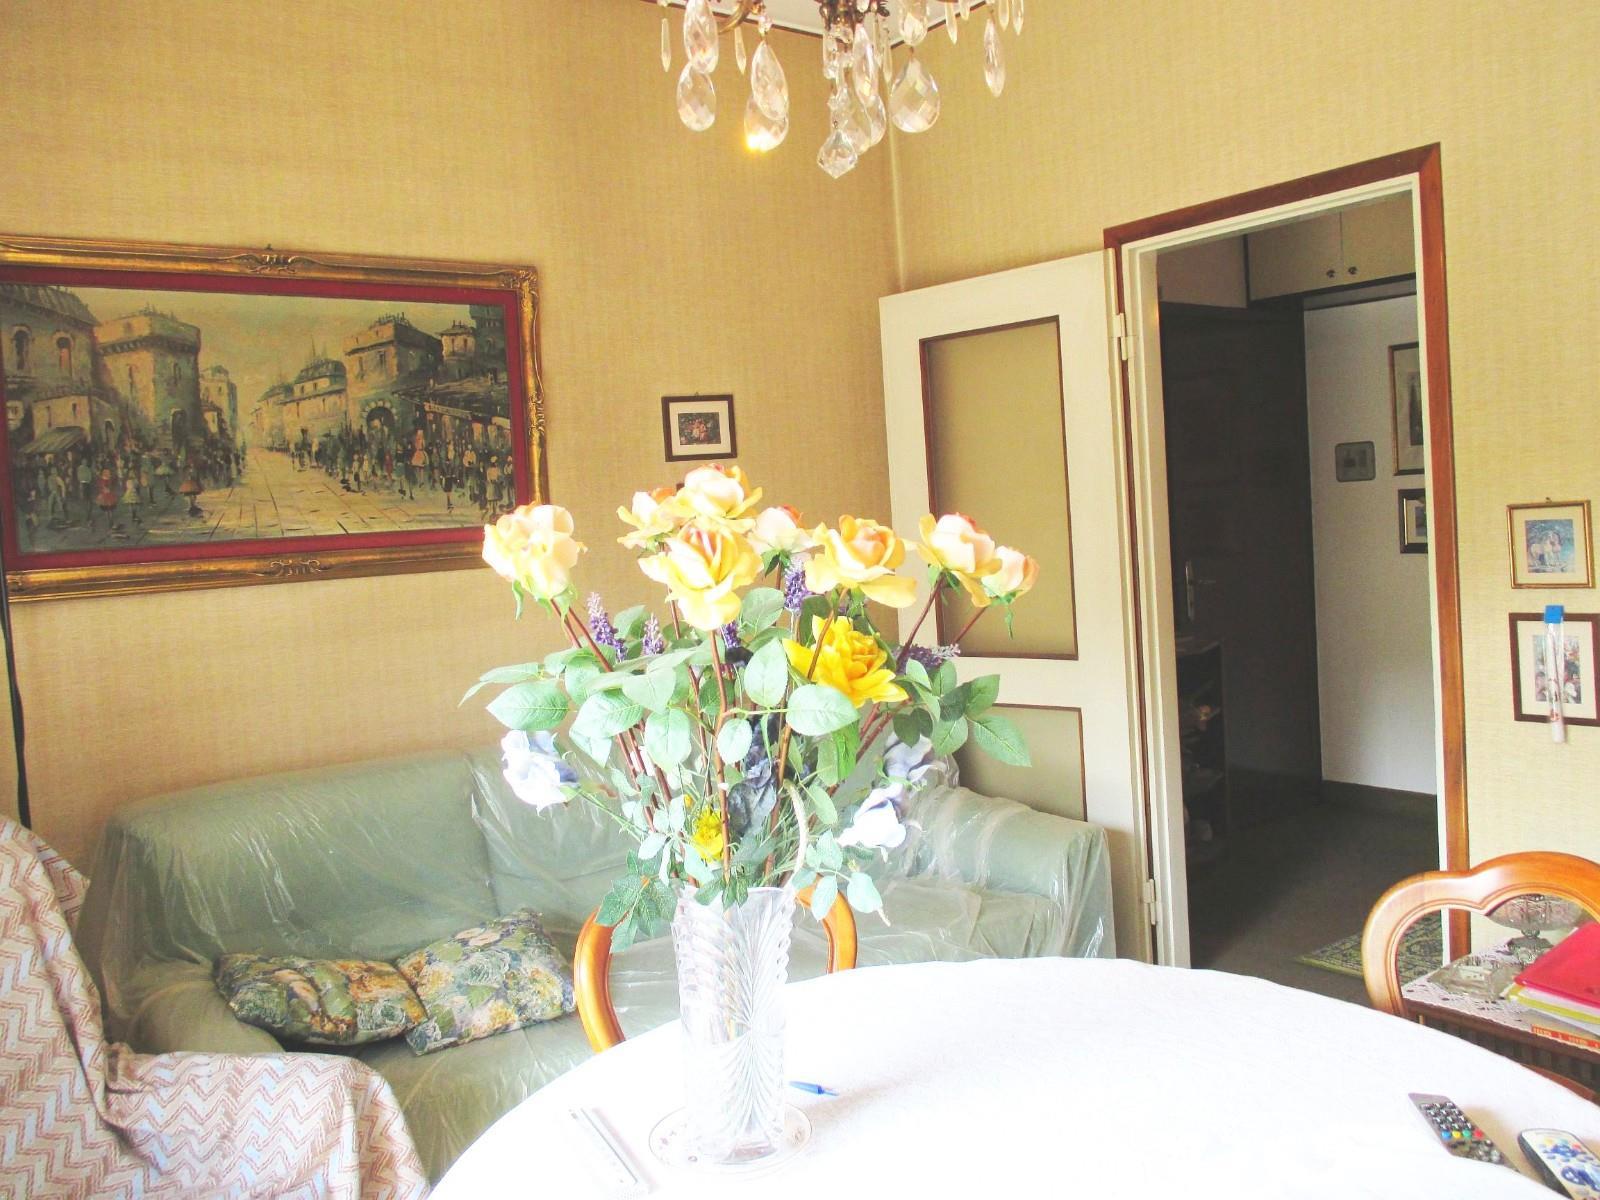 Foto 18 - Appartamento in Vendita - Seveso (Monza e Brianza)